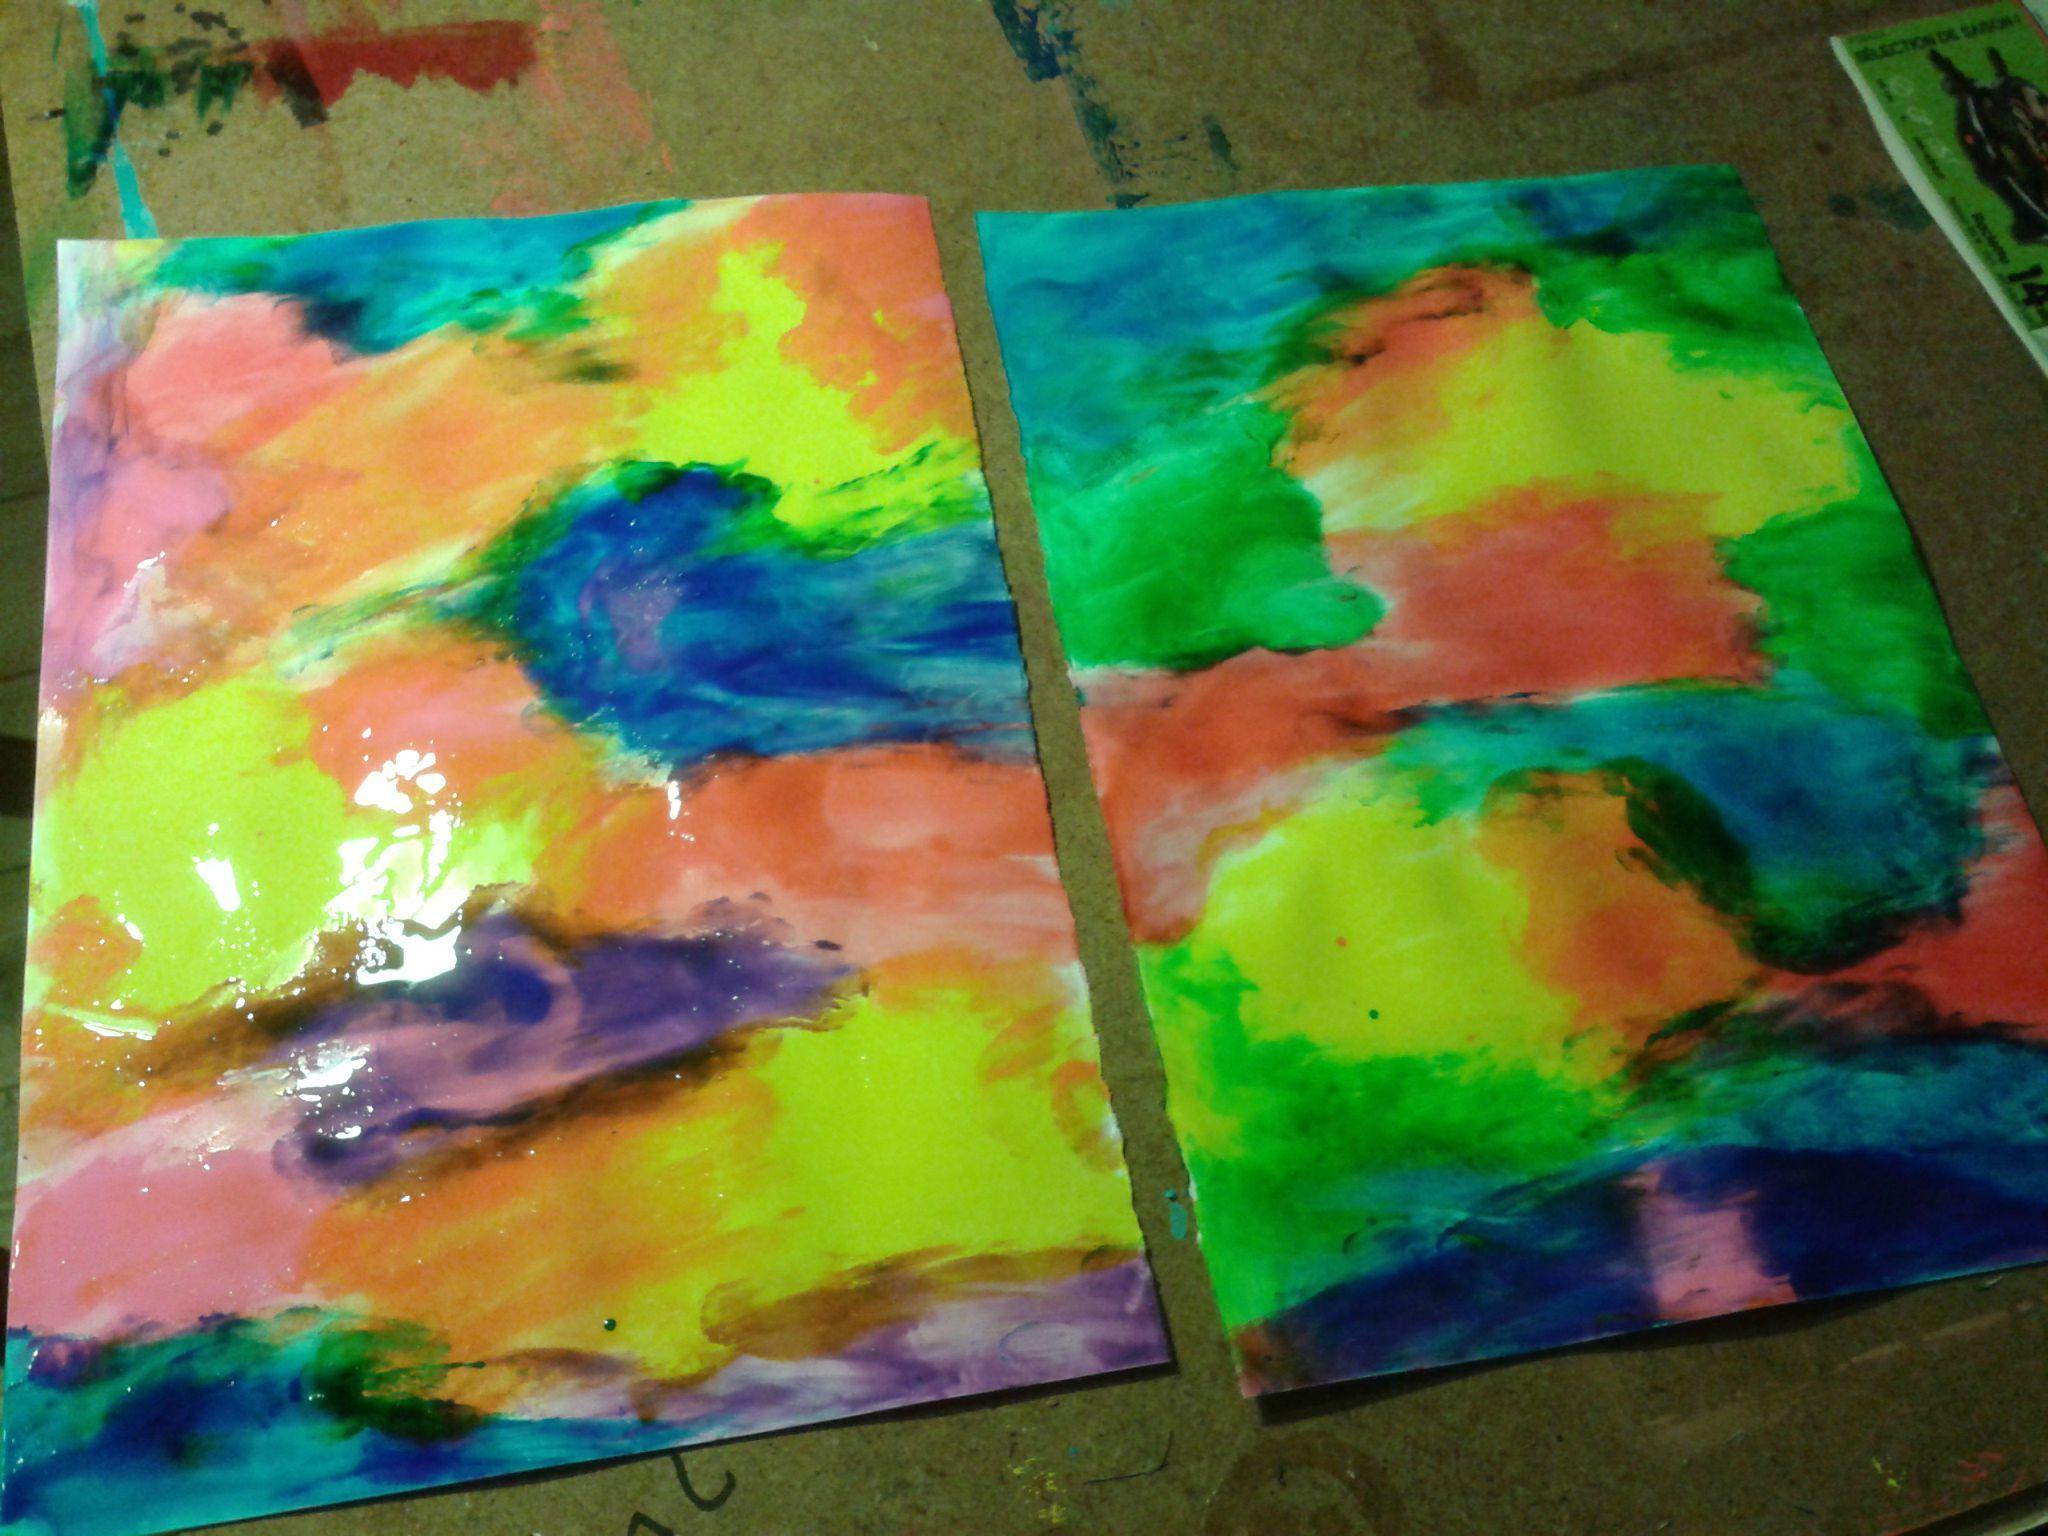 Le Papier Ca Dechire Le Tour De Mes Idees Papier Couleur Projets Artistiques Scolaires Etiquette Porte Manteau Maternelle